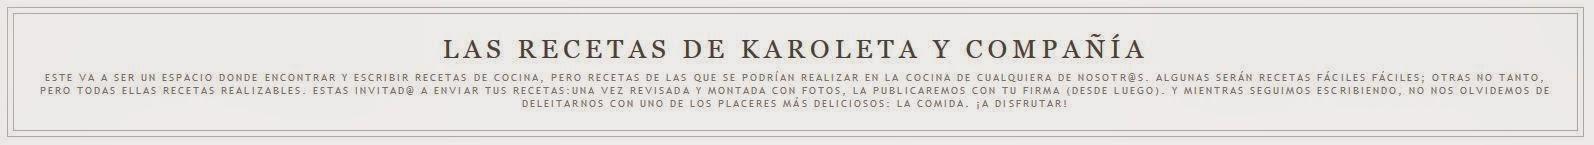 http://lasrecetasdekaroleta.blogspot.com.es/2011/04/salsa-de-horchata-con-roquefort.html